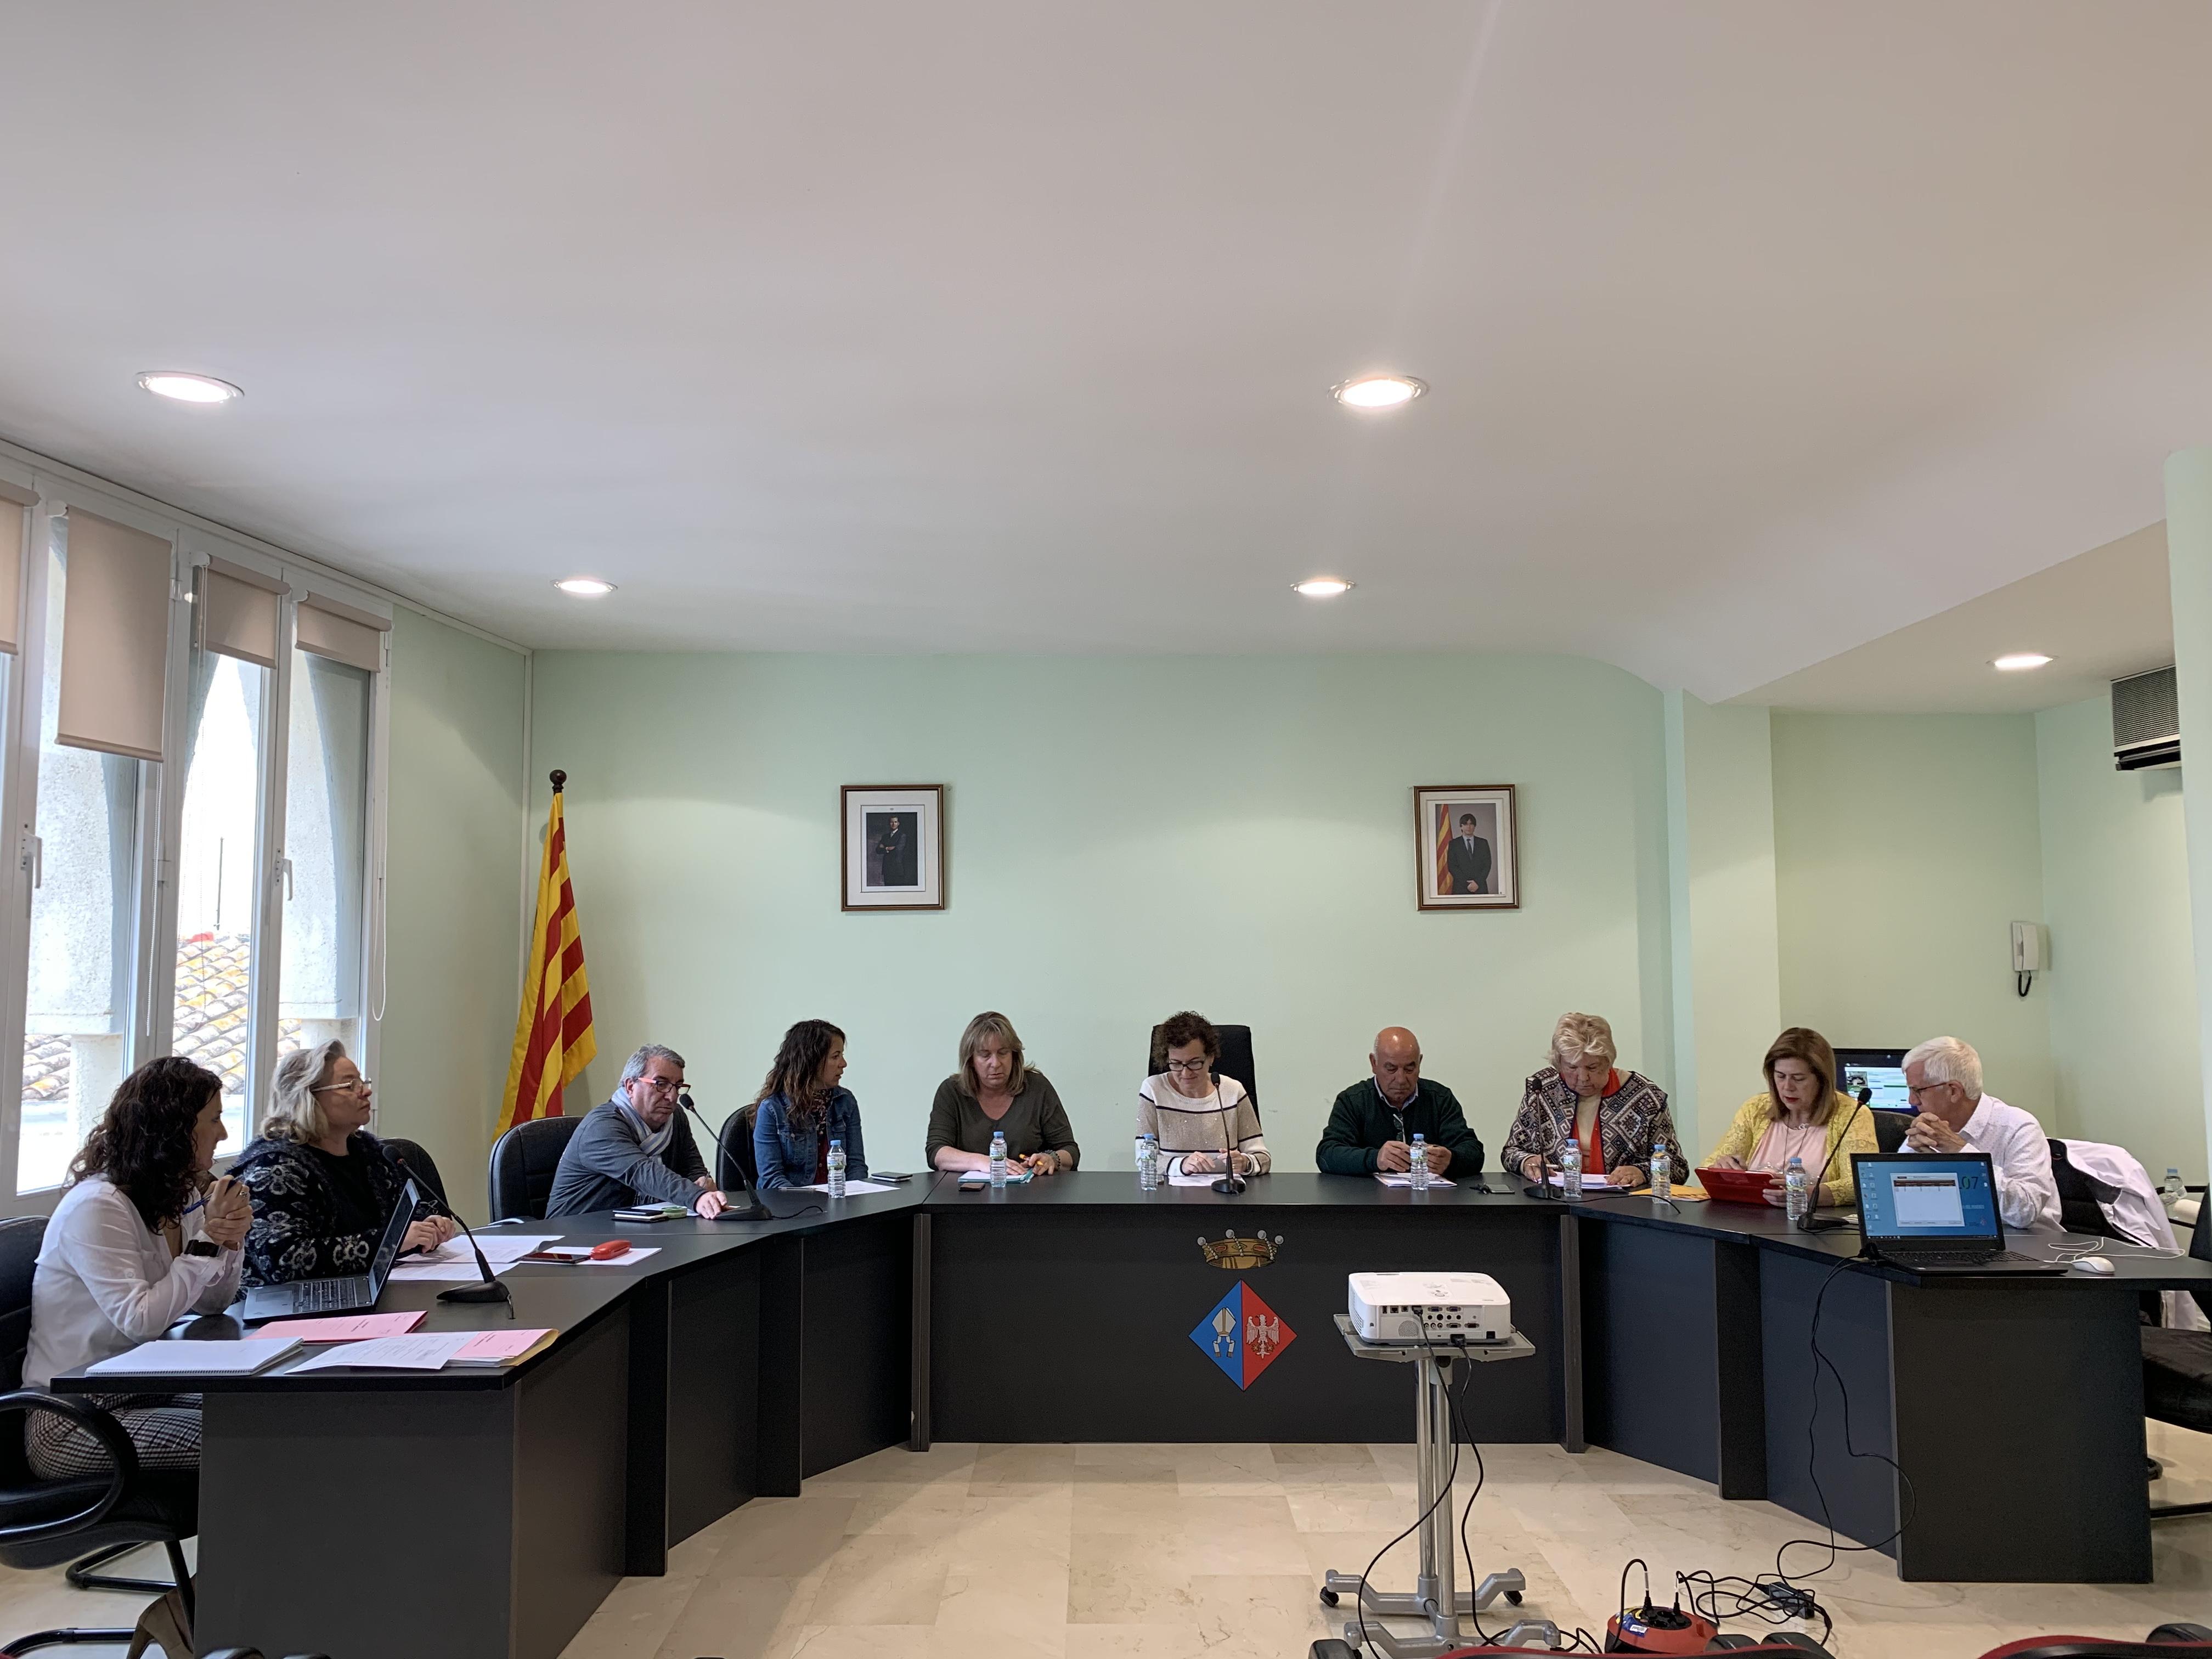 Aquest dilluns 29 d'abril han tingut lloc dos Plens extraordinaris a l'Ajuntament de la Bisbal del Penedès